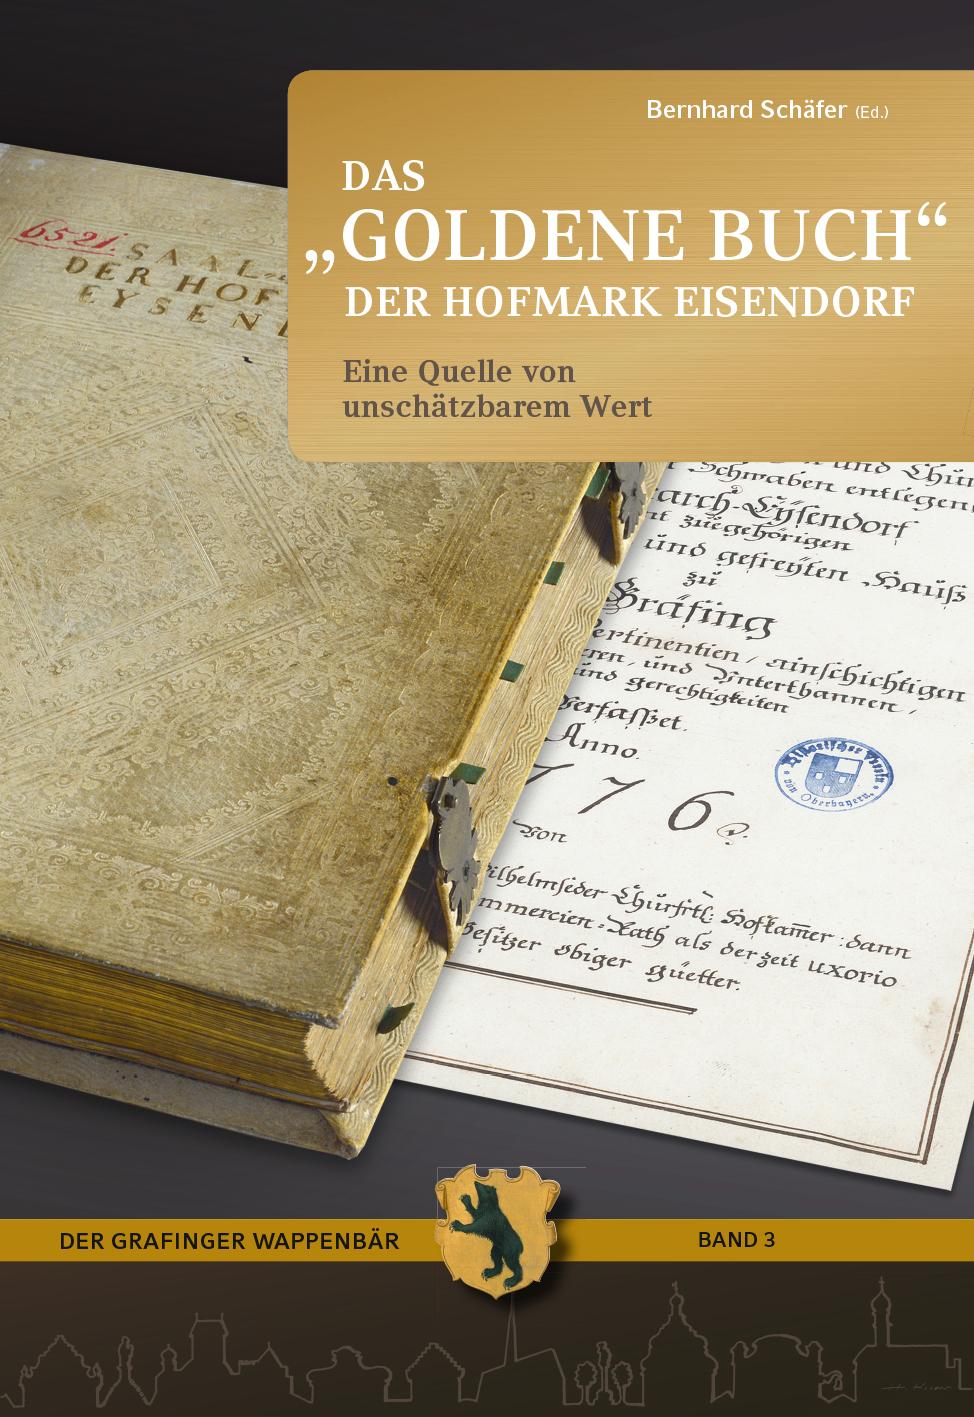 Das goldene Buch der Hofmark Eisendorf